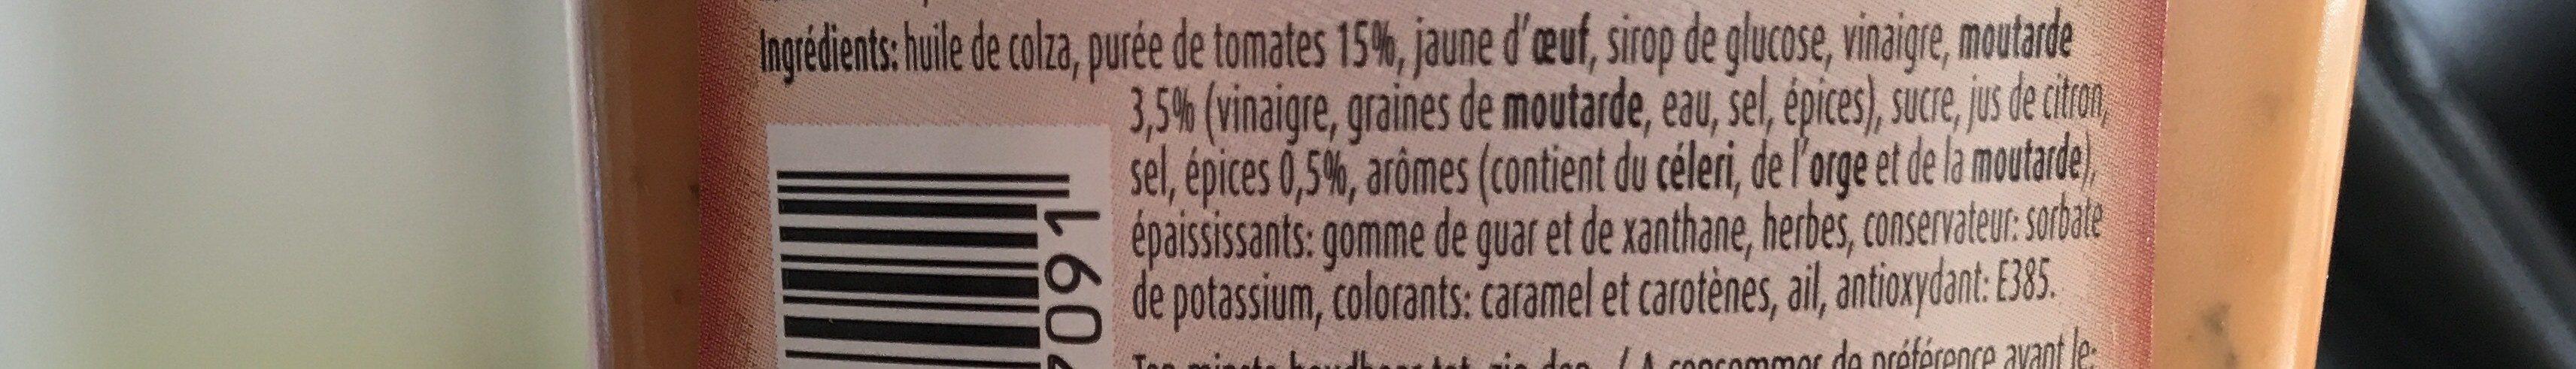 Sauce Andalouse 450ml - Ingrédients